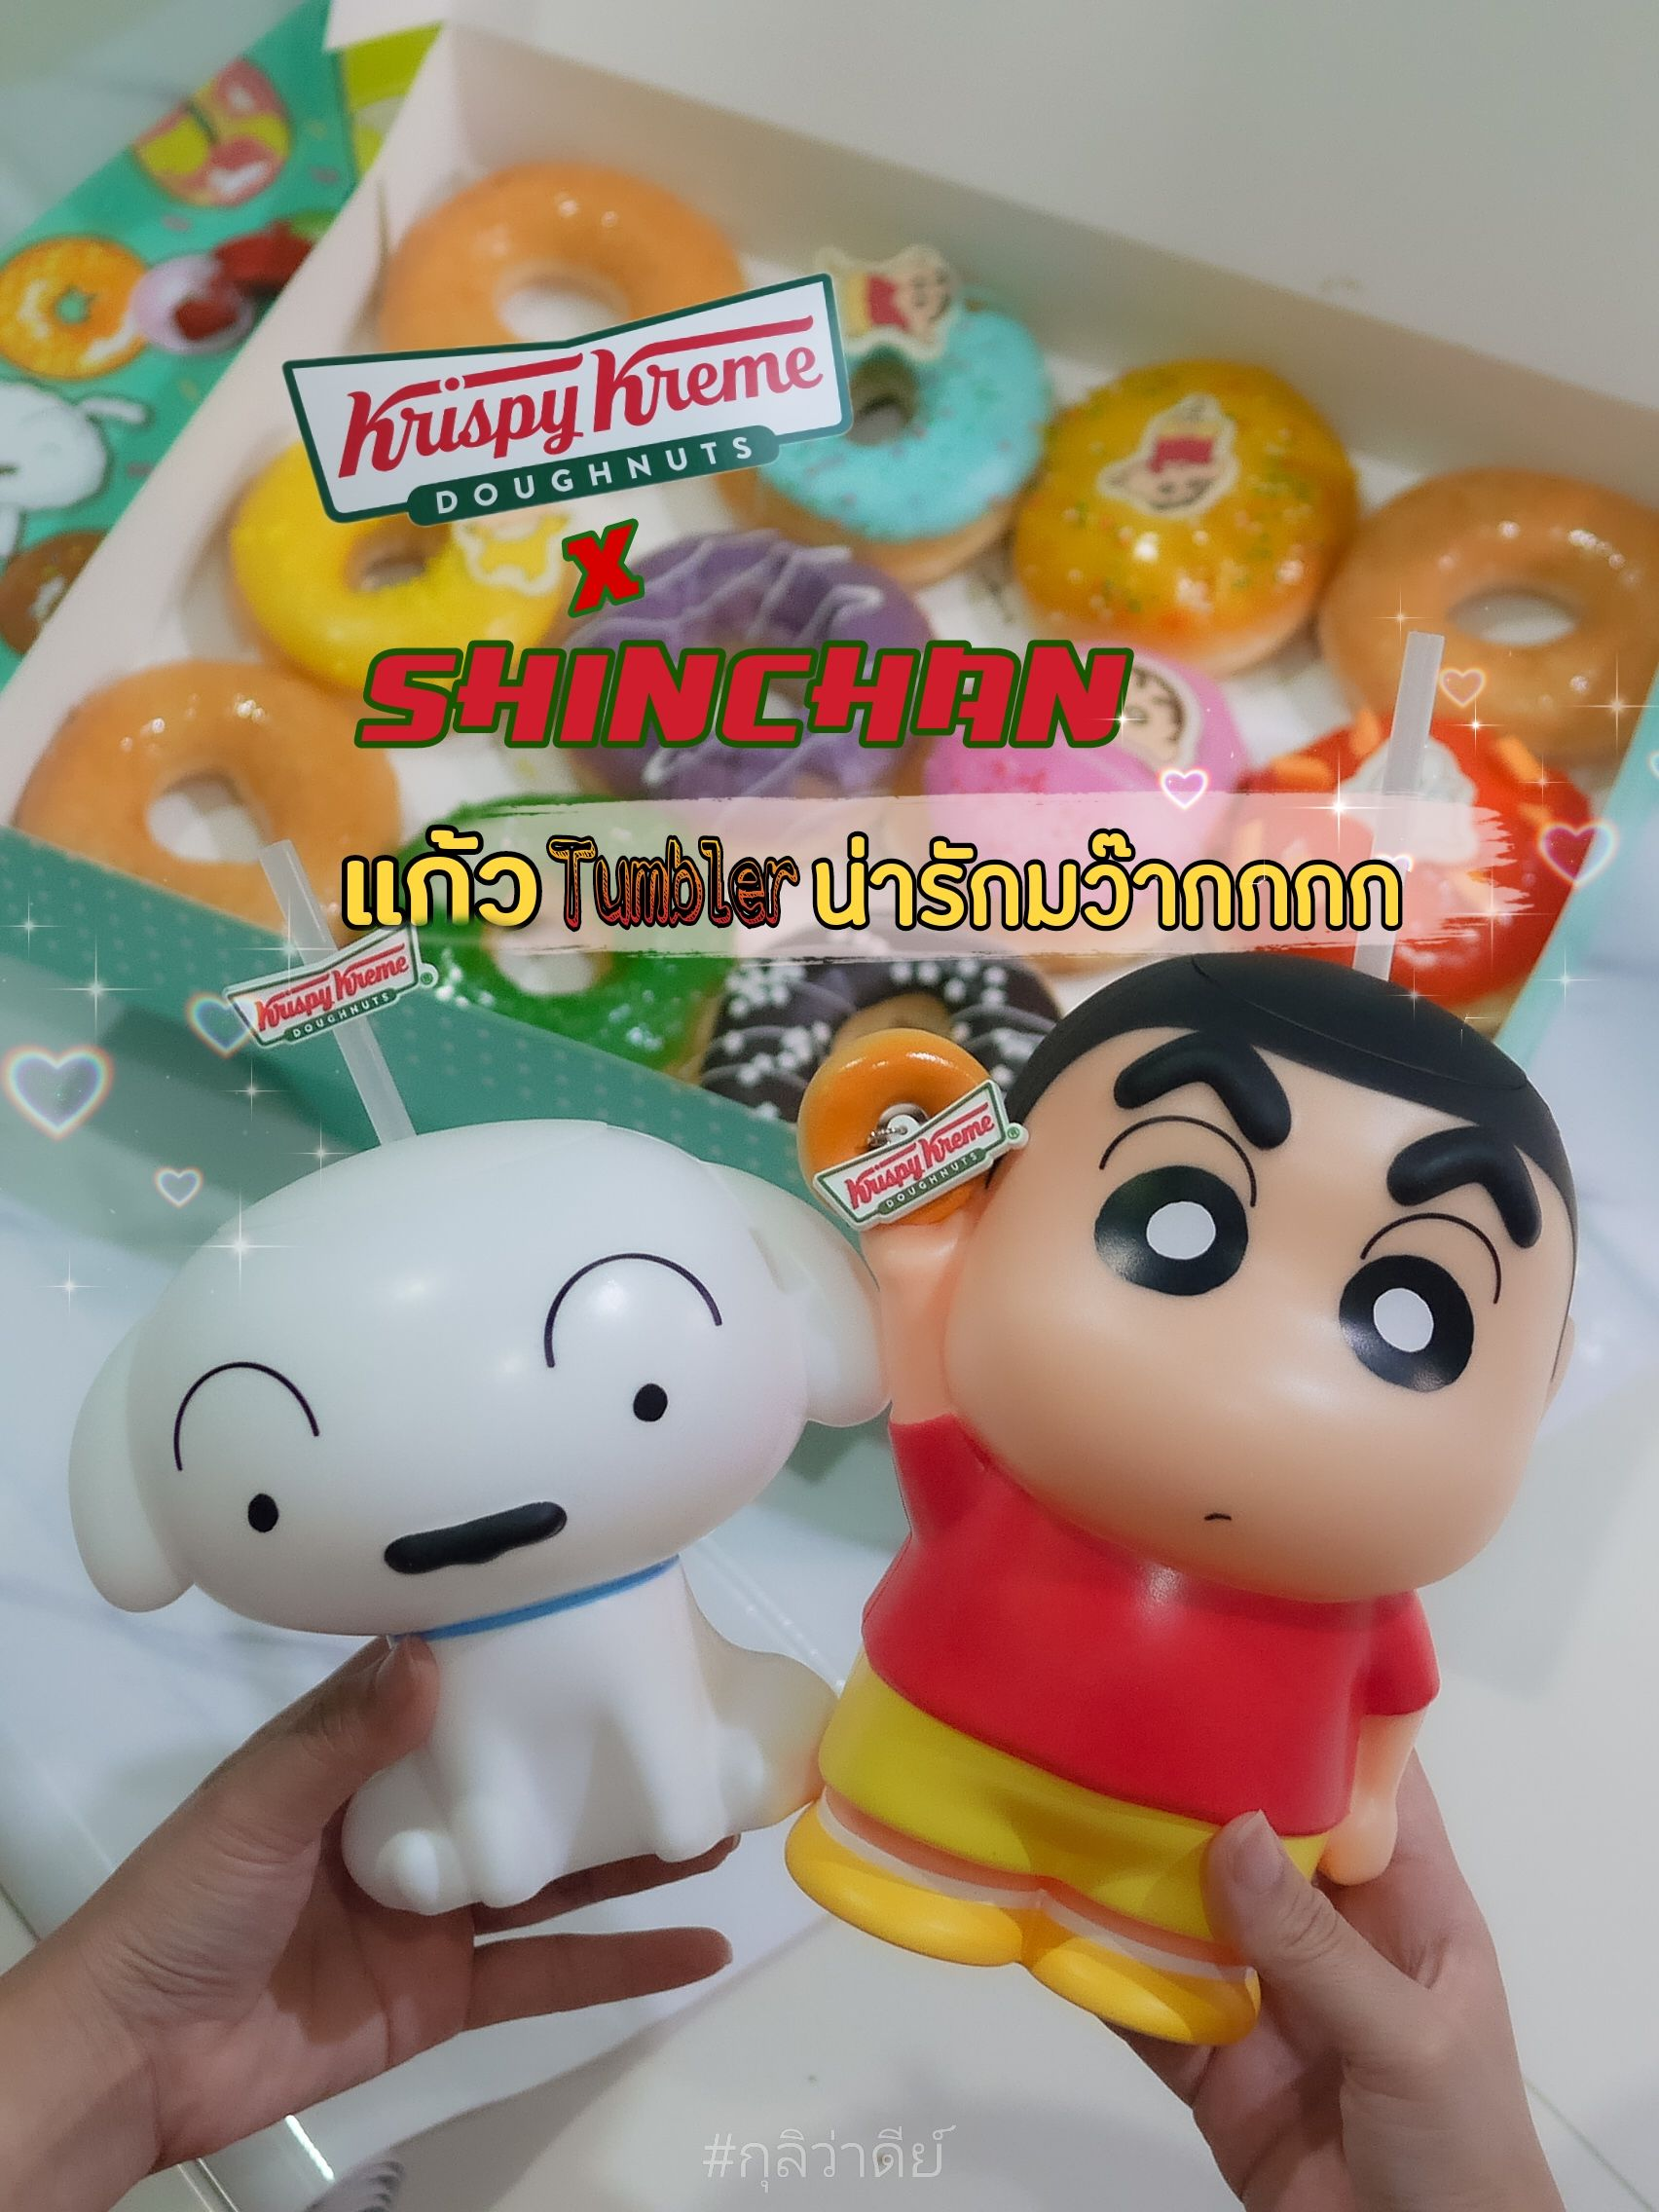 ไม่มี…ไม่ได้แล้ว Krispy Kreme x Shinchan พร้อมทัมเบลอร์สุดเอ็กซ์คลูซีฟ !!!